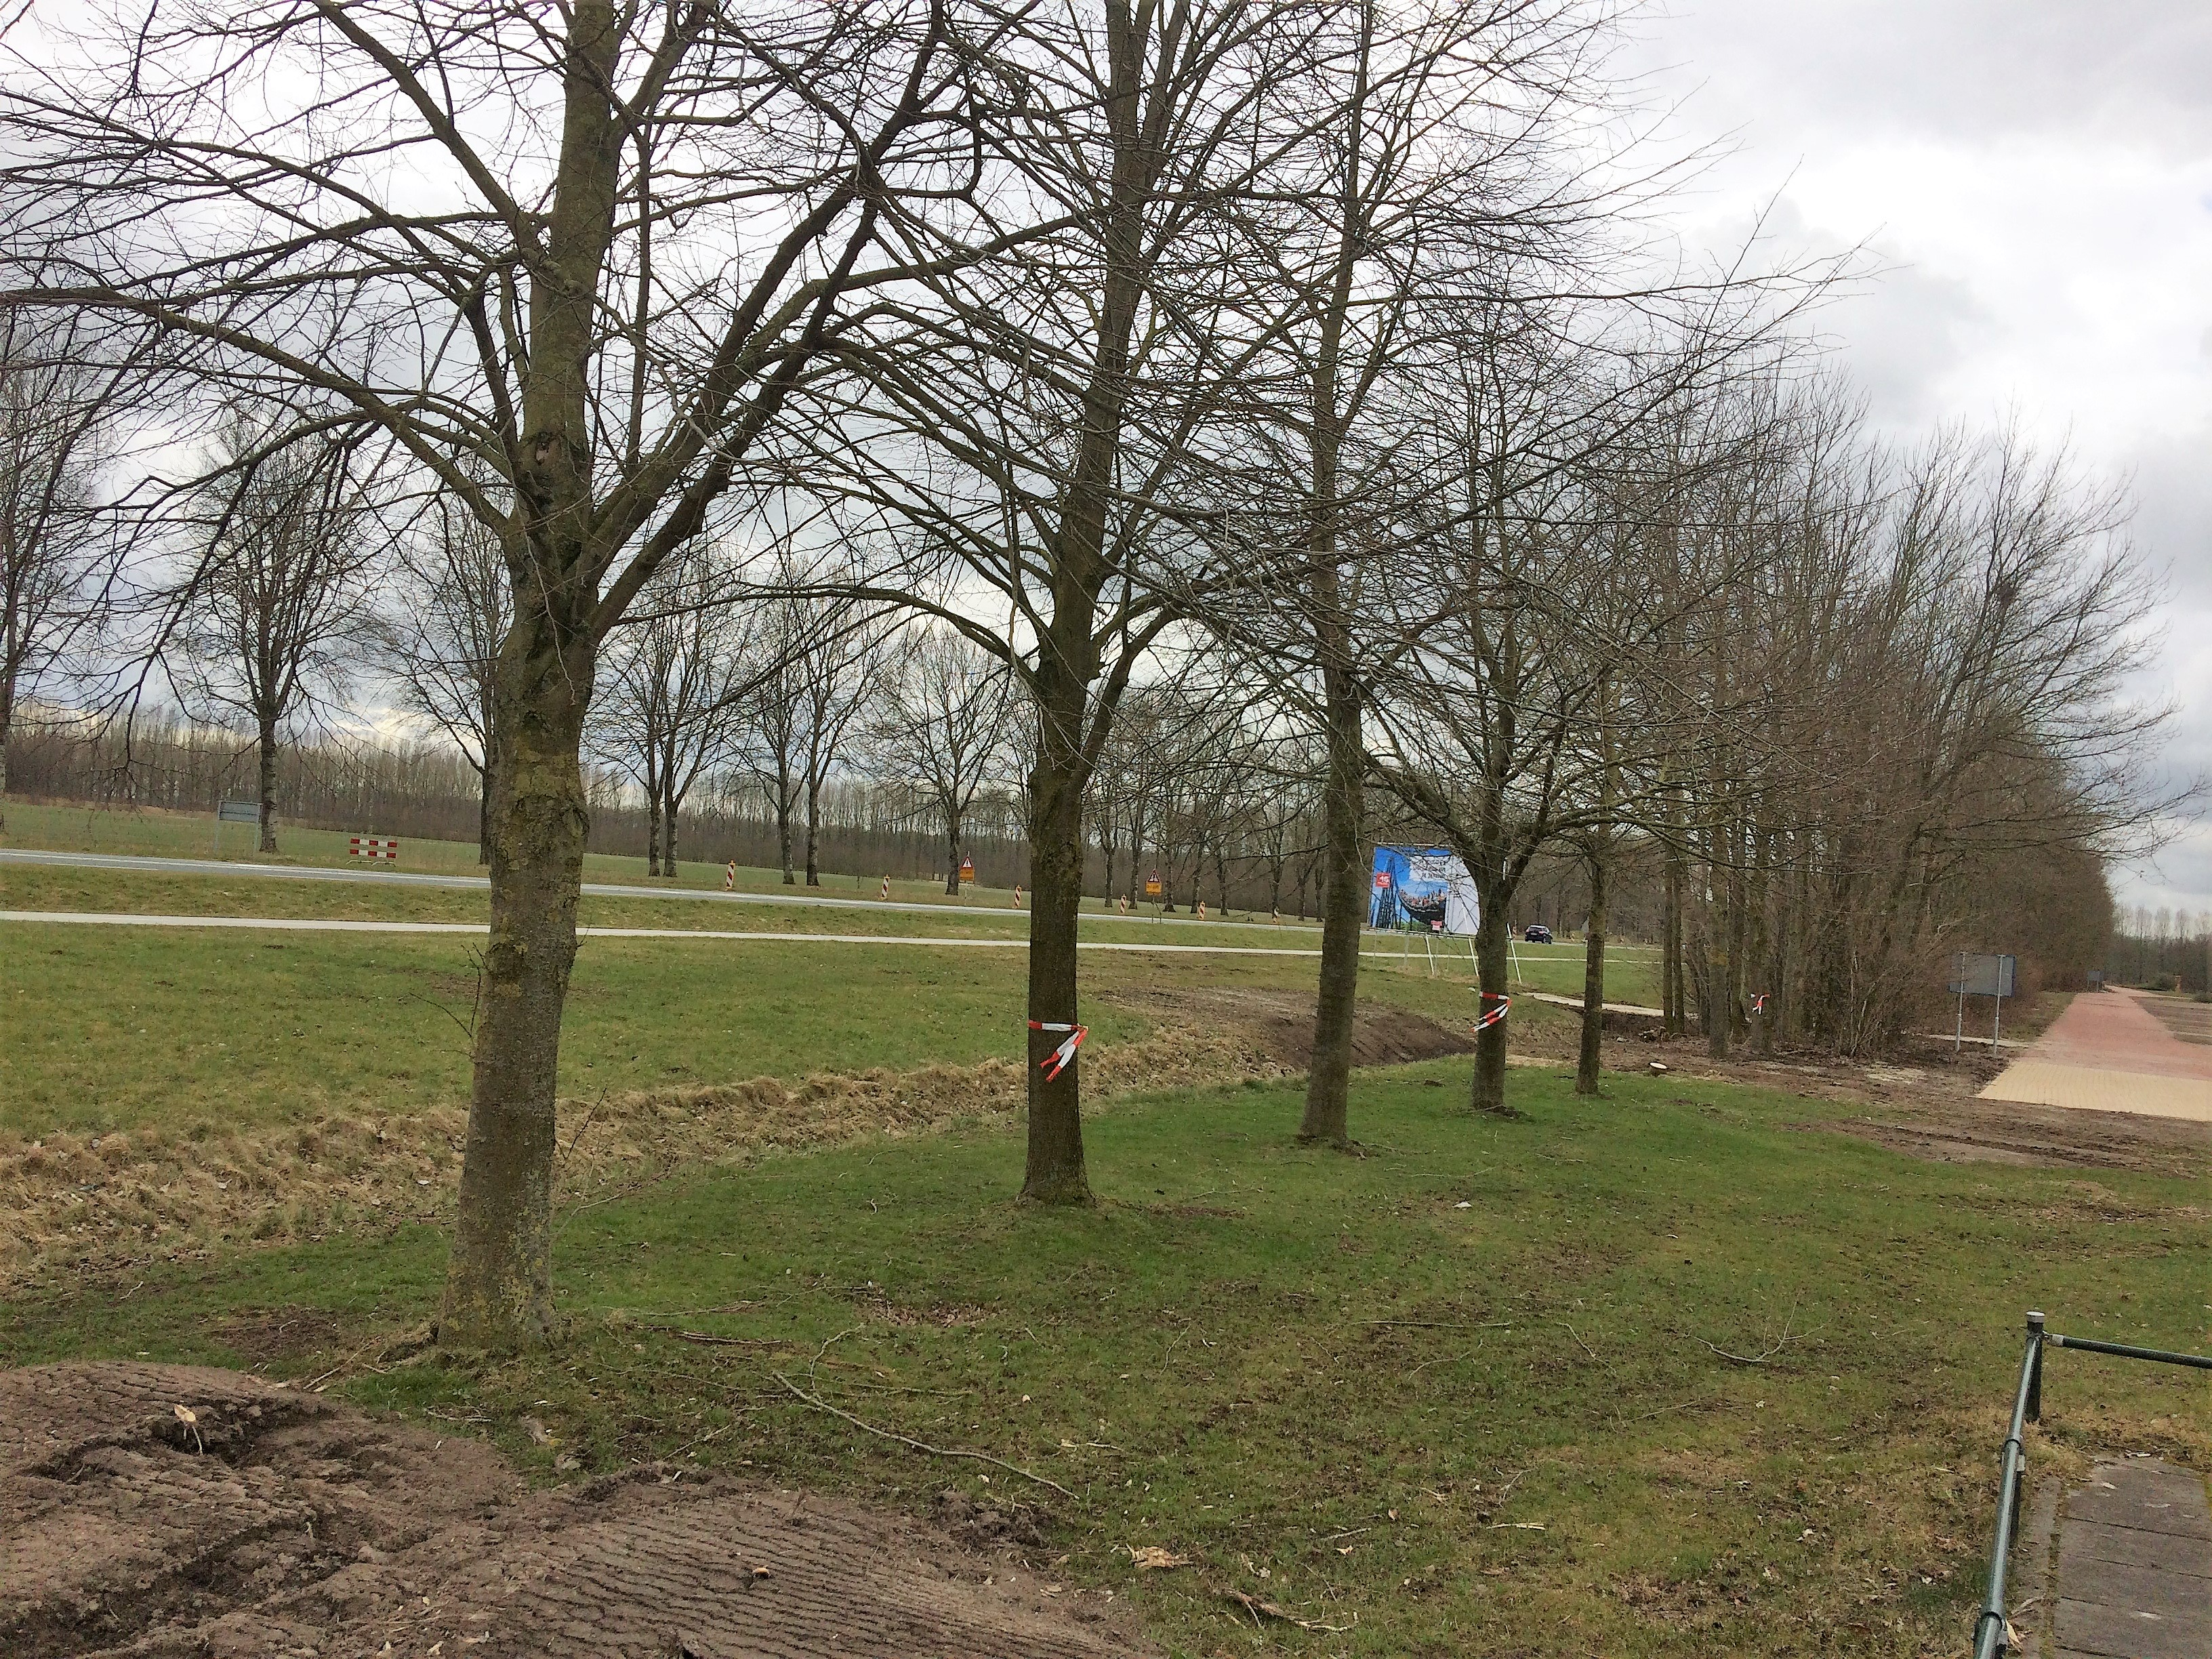 Hoefakker buitenruimte Walibi 3 bomen verplanten en nieuwe grondwal ingericht met beplanting (3)